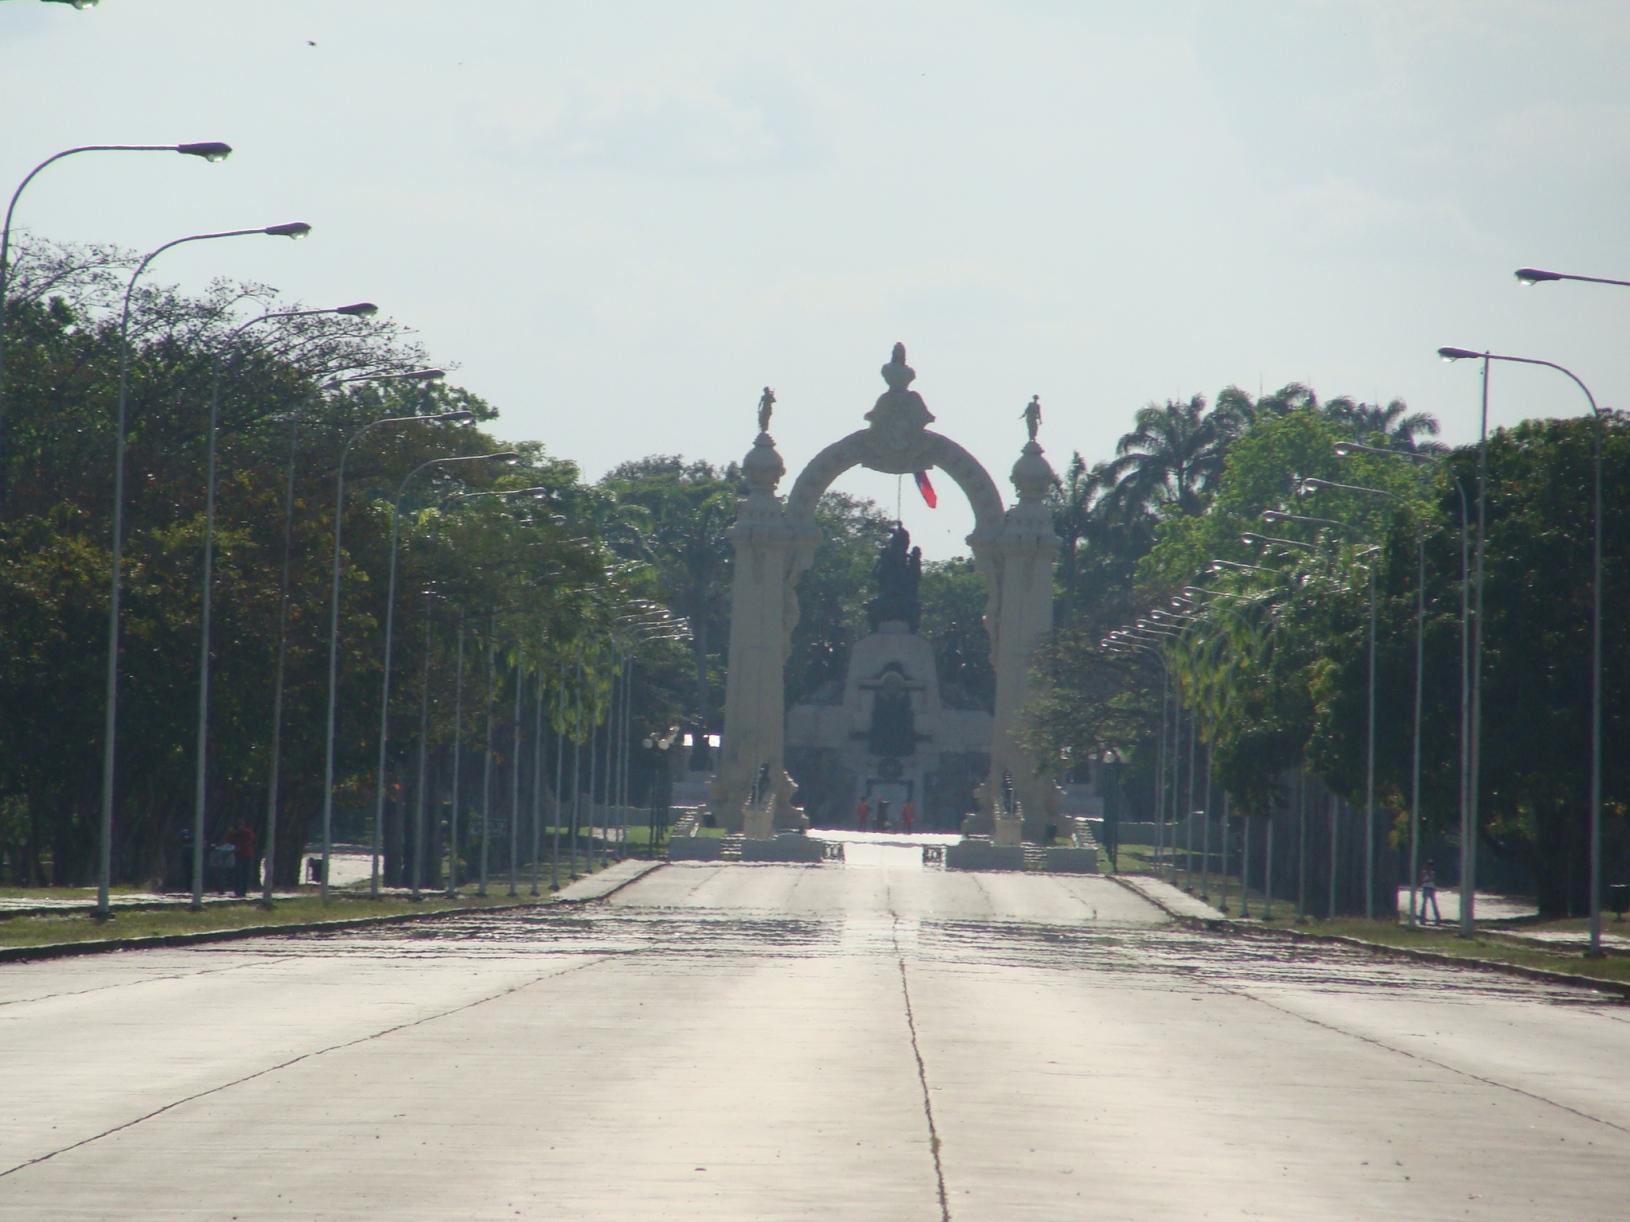 avenida y arco de la batalla decarabobo